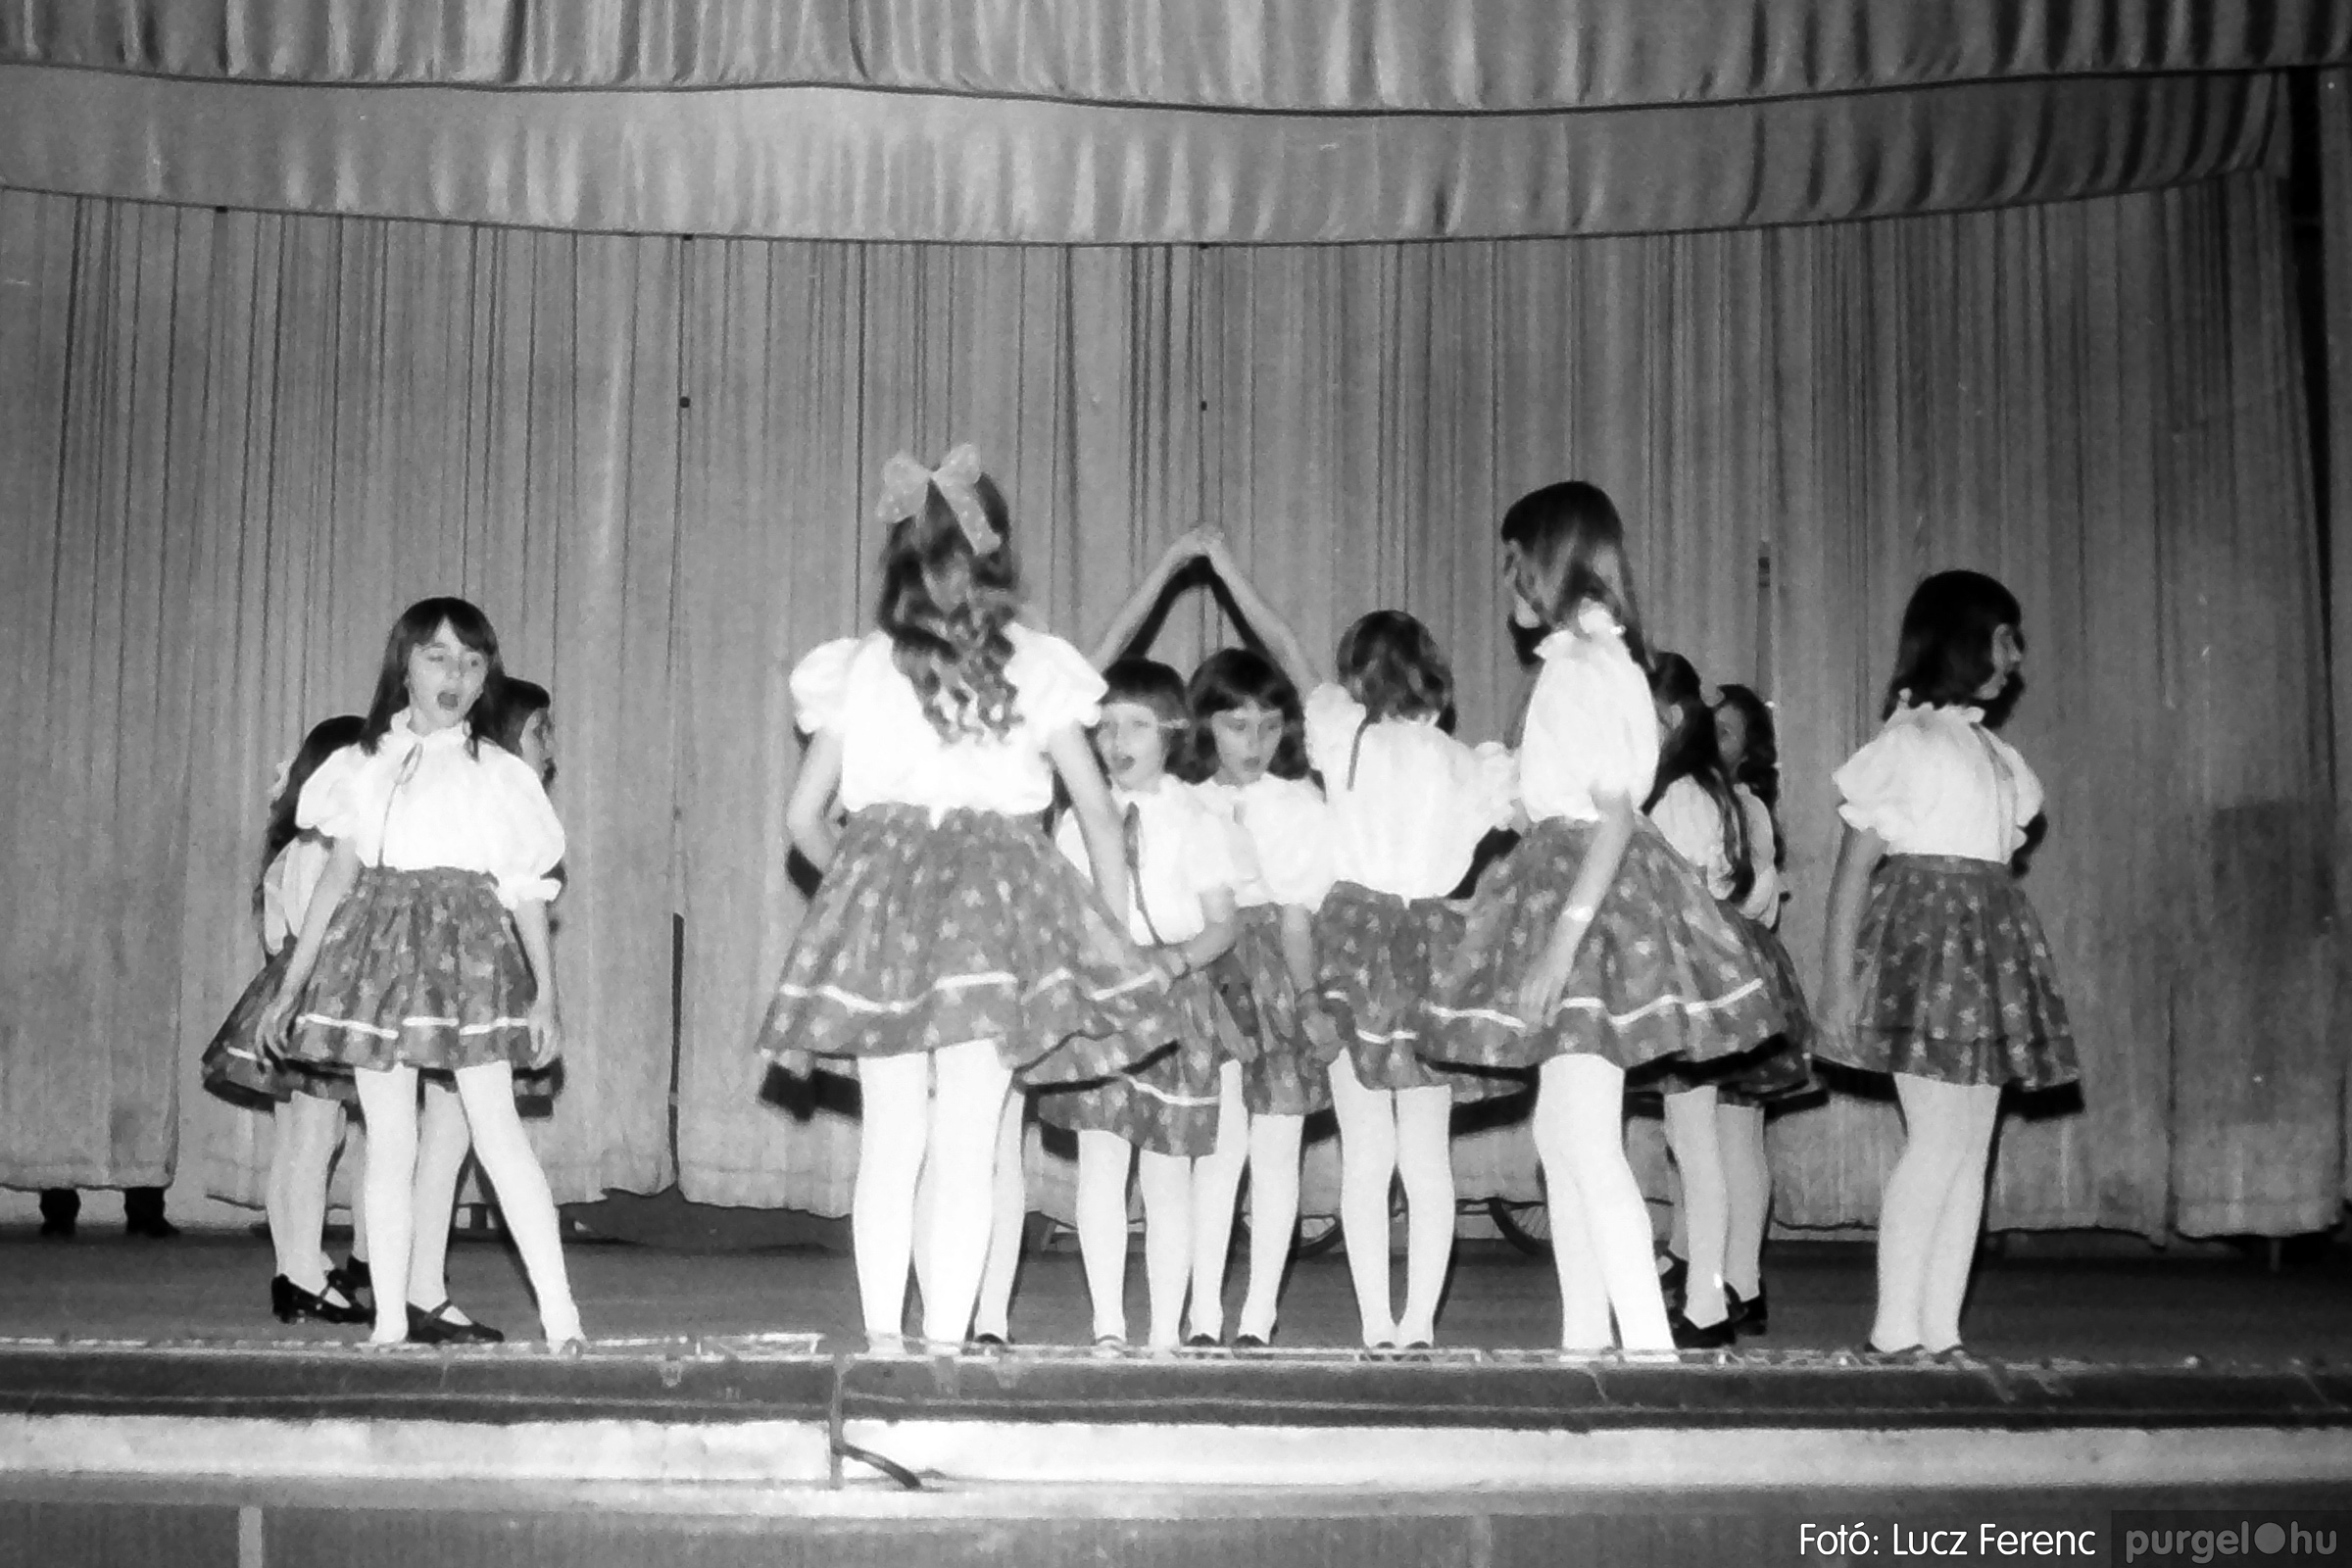 076. 1977. Iskolások fellépése a kultúrházban 021. - Fotó: Lucz Ferenc.jpg